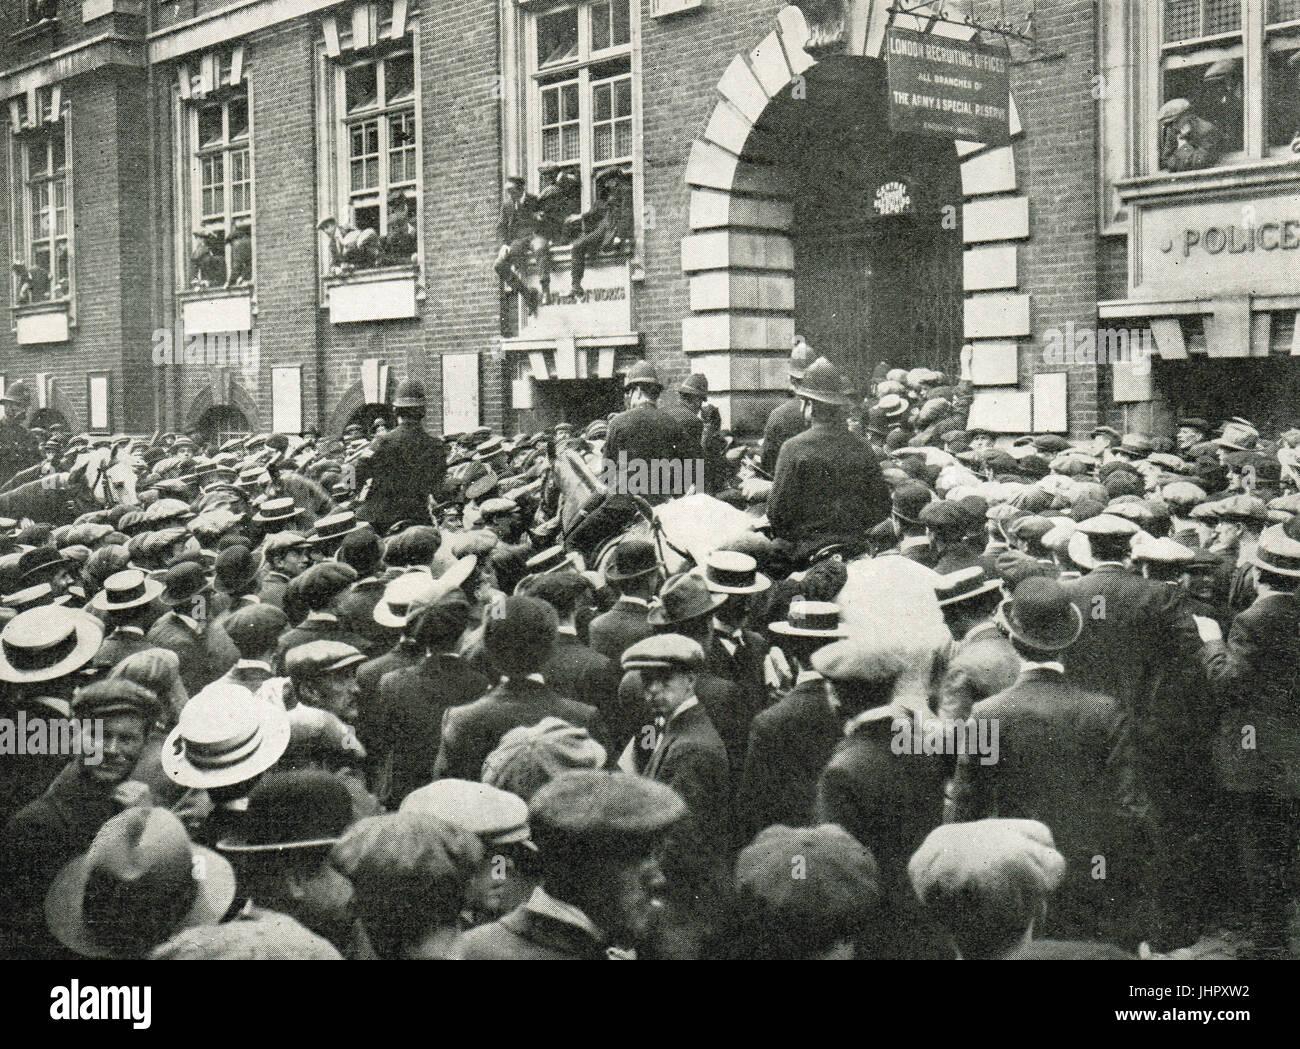 Premières recrues enthousiastes pour l'Armée de Kitchener, Whitehall, Londres Photo Stock